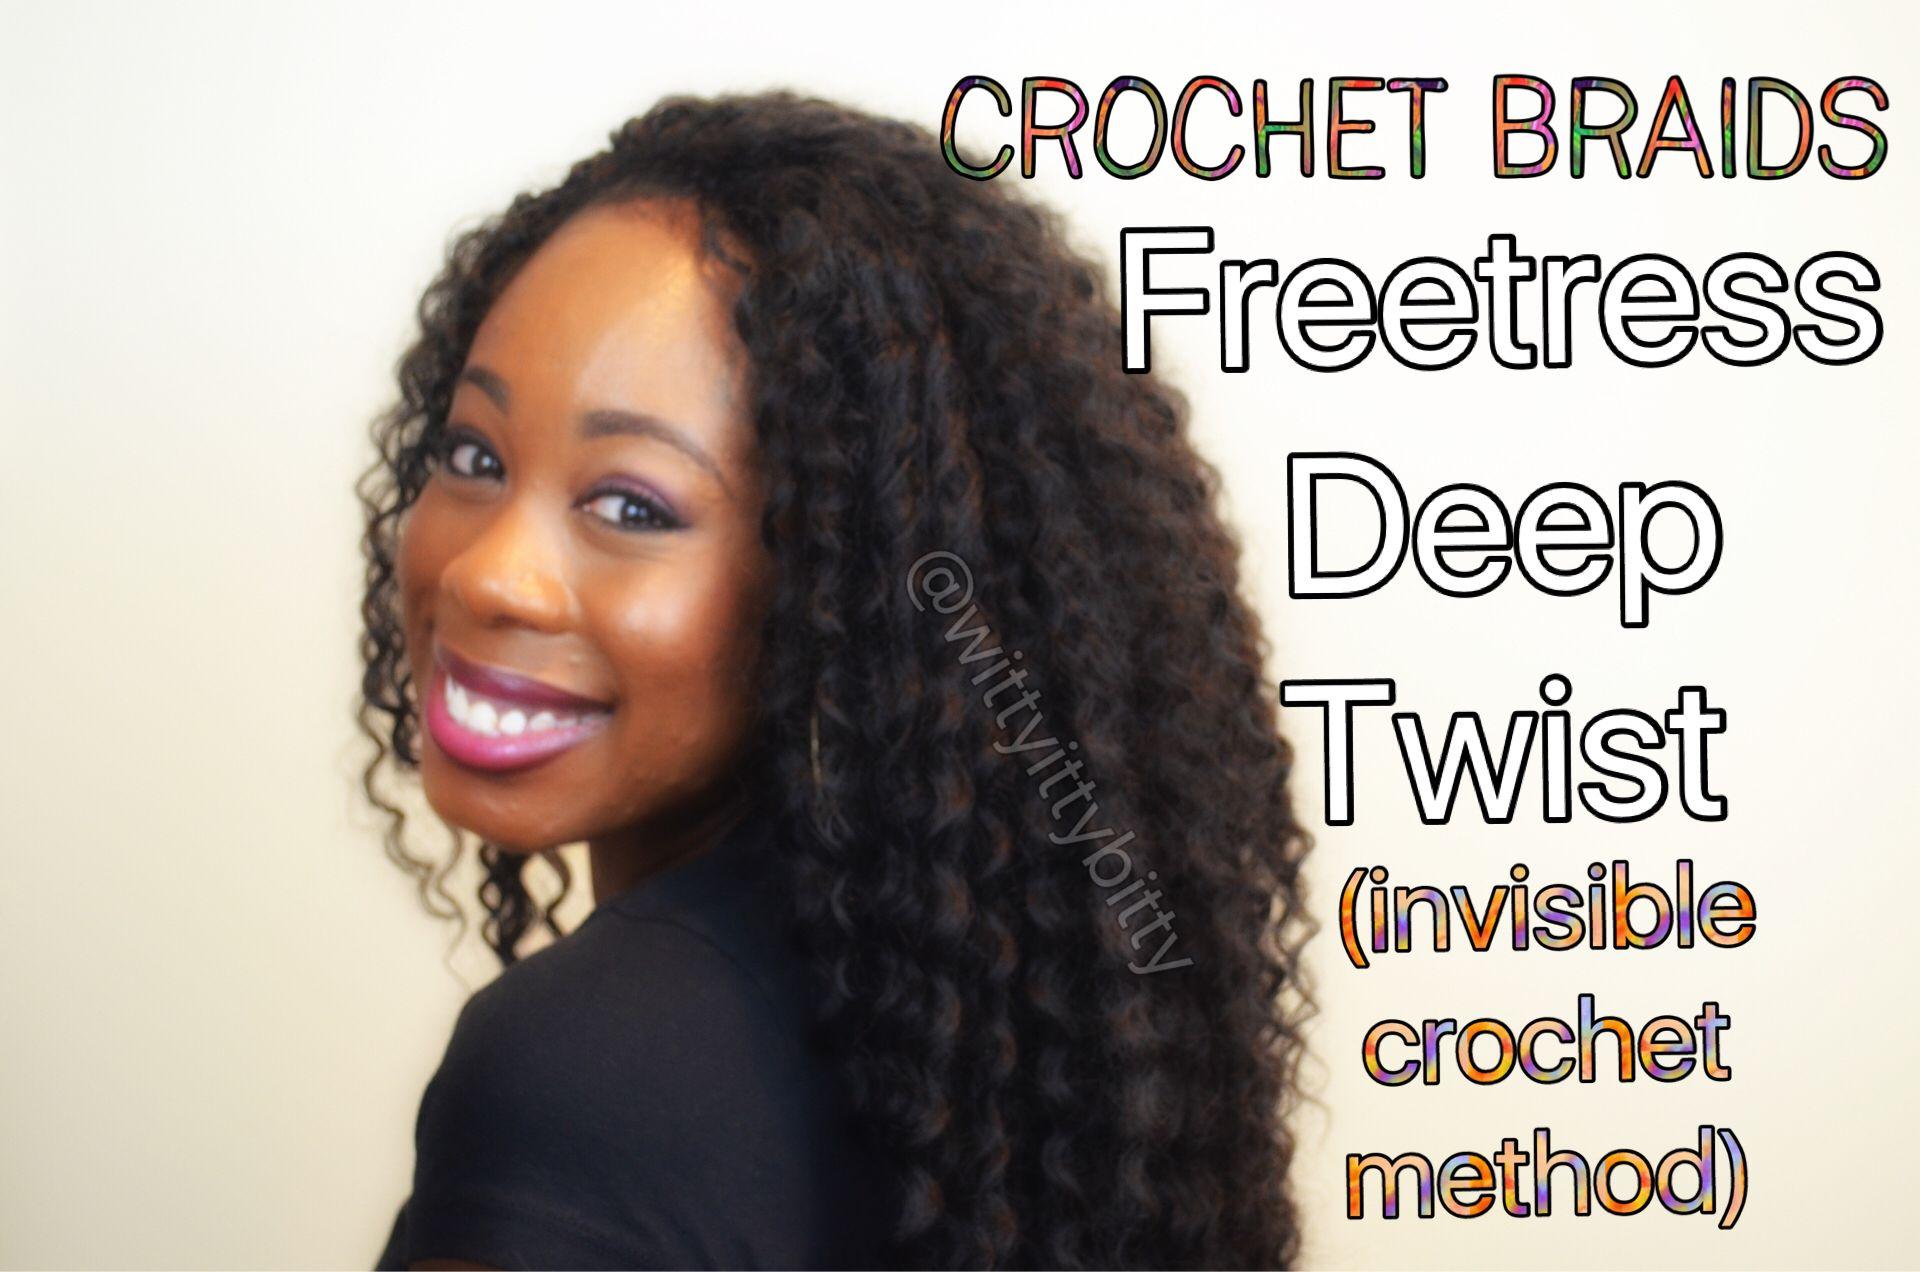 freetress deep twist crochet braids invisible part crochet braids